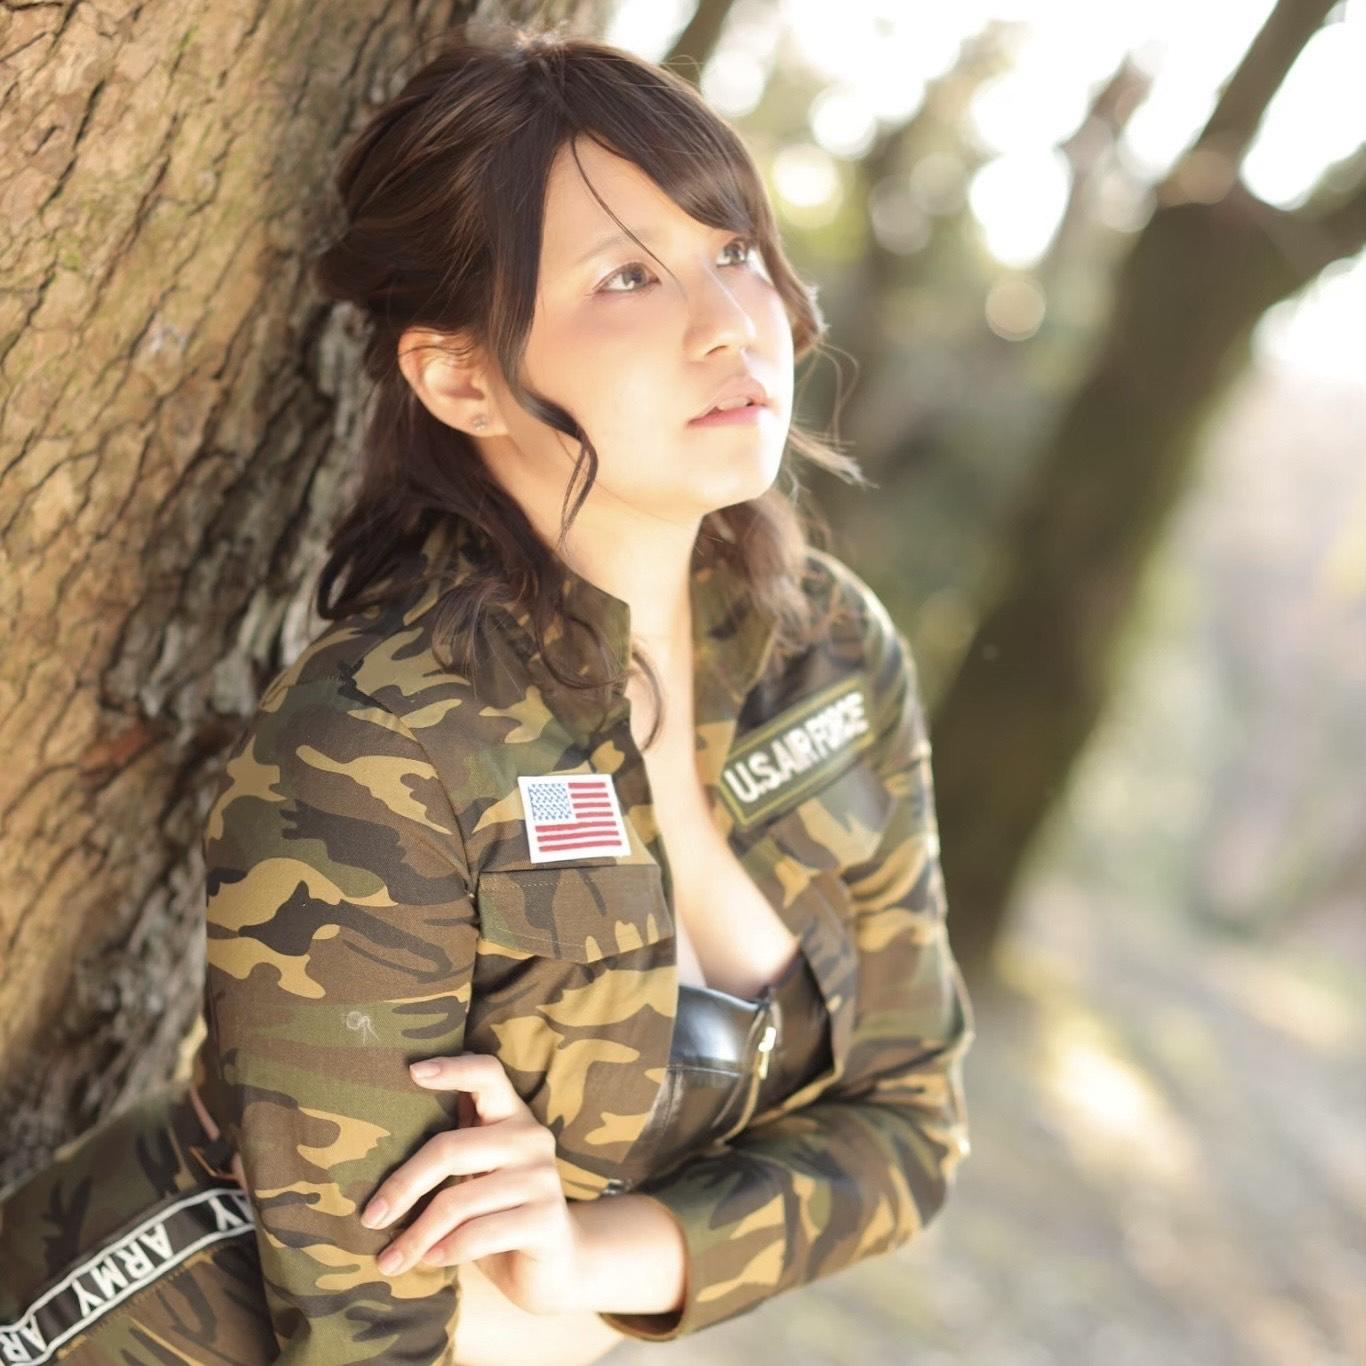 茉島千夜のプロフィール画像